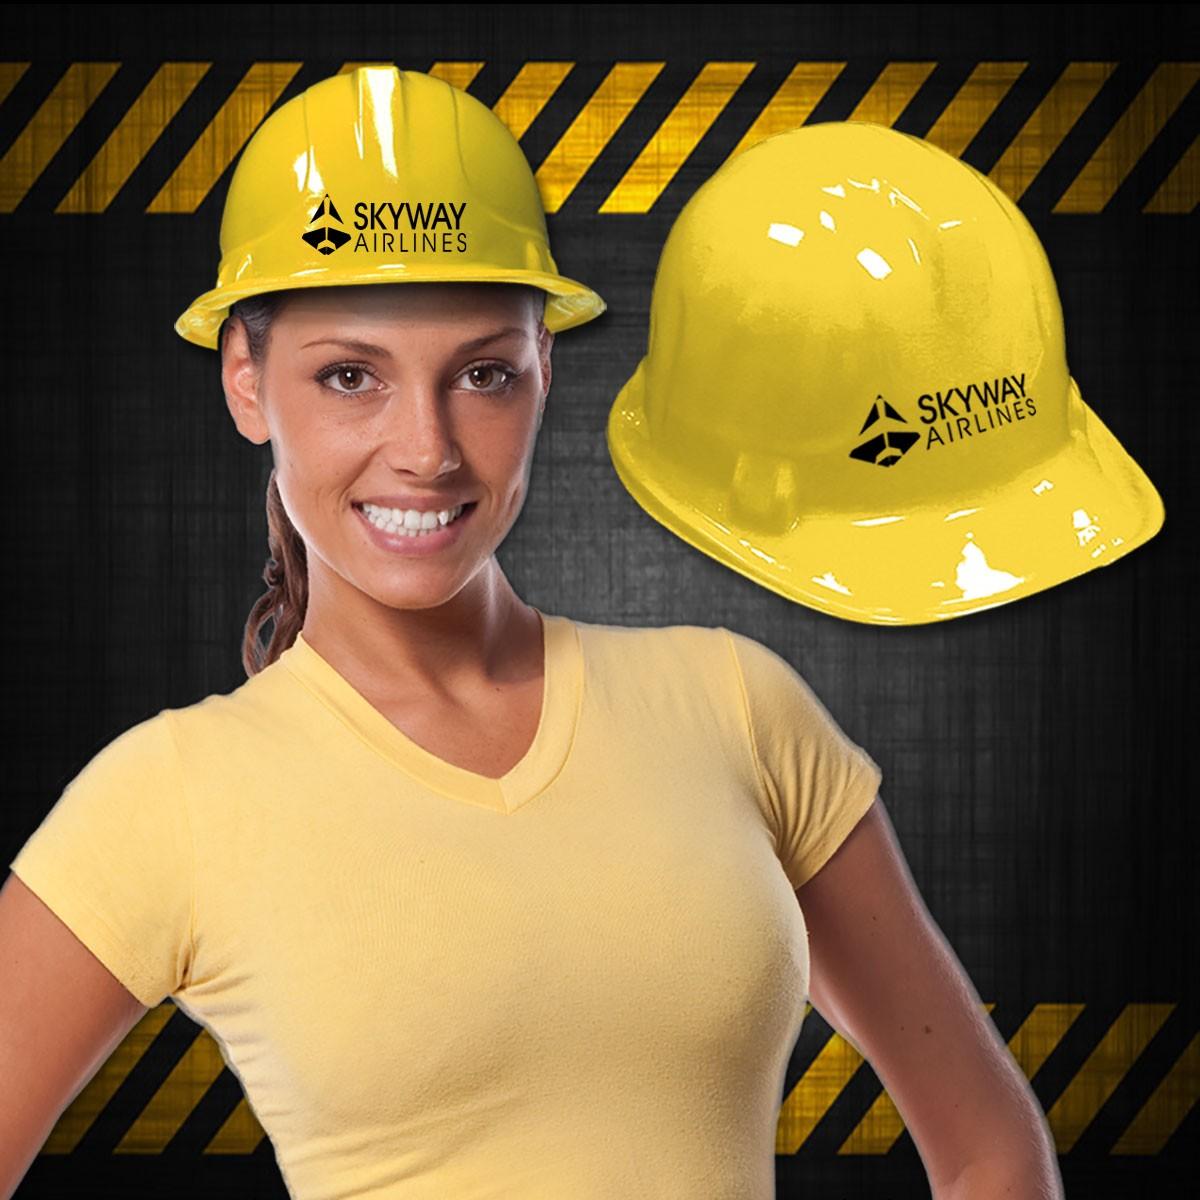 Yellow Plastic Construction Hat